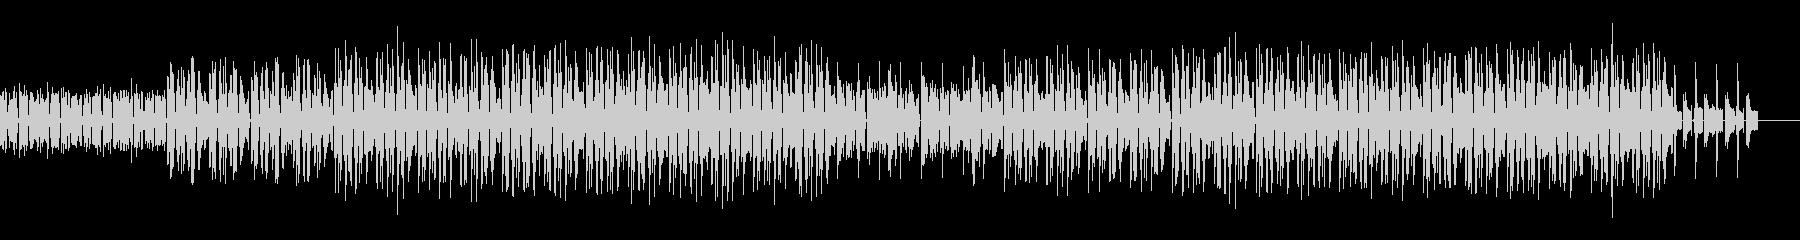 かわいい、ゆるい、コミカル-04の未再生の波形